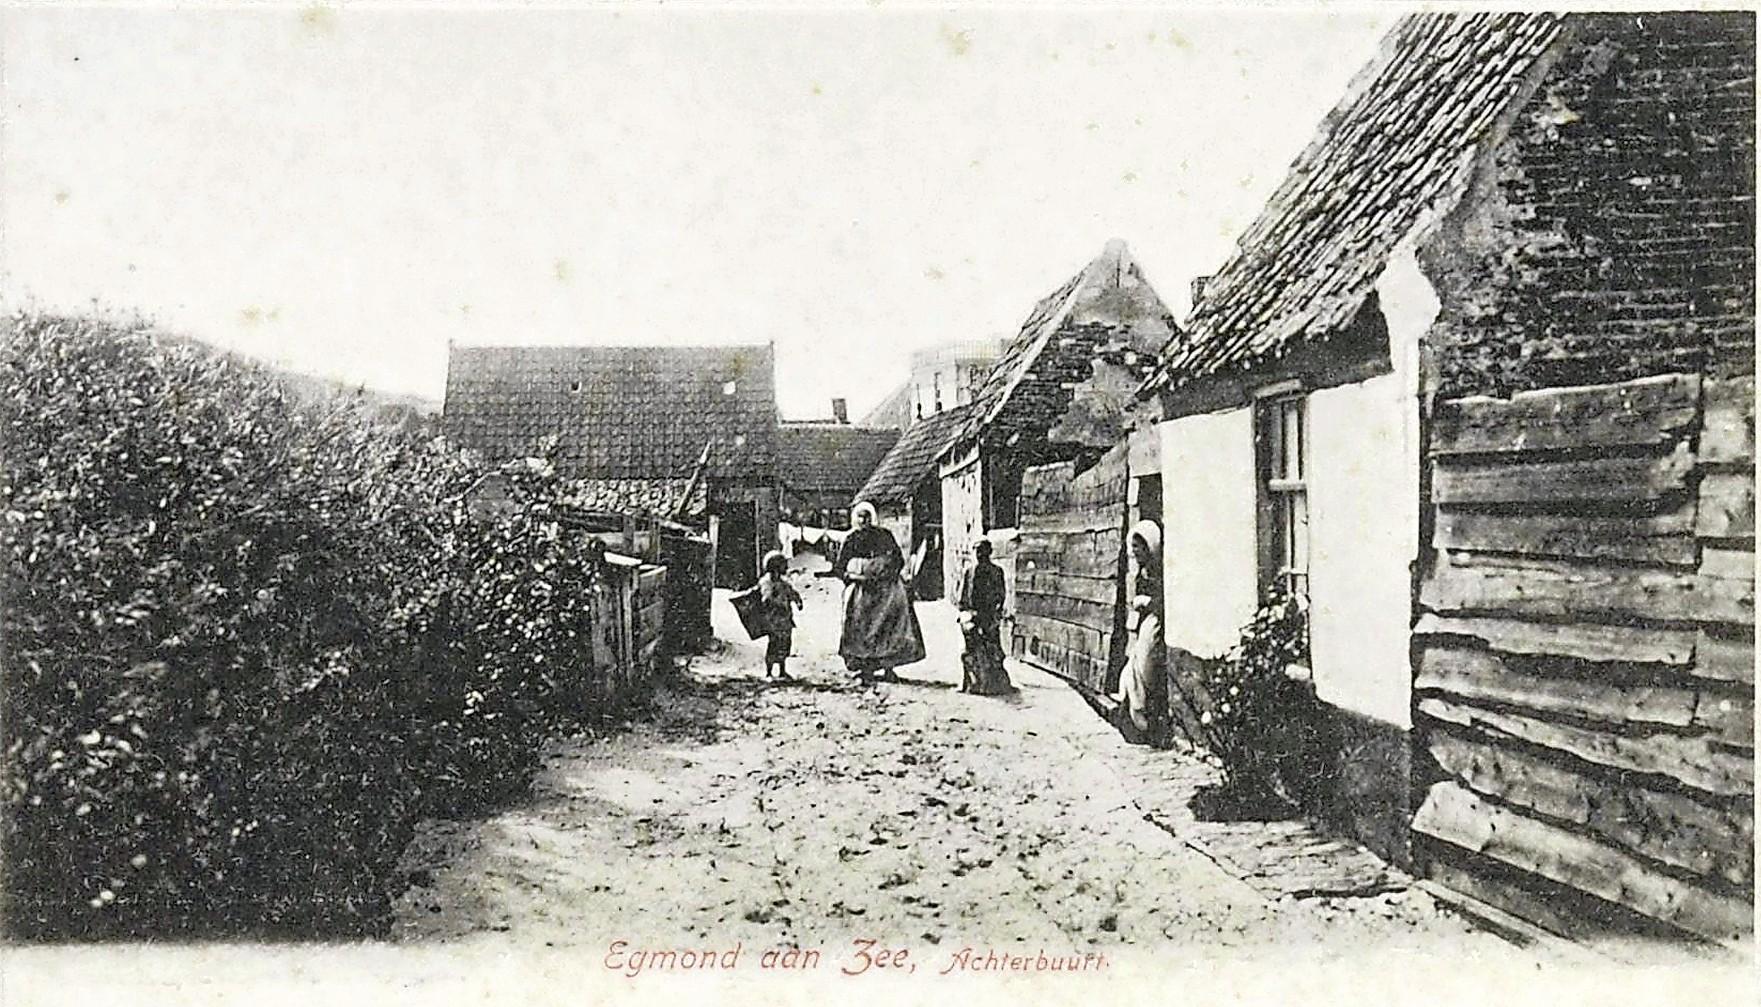 Tyfus slaat toe in Egmond aan Zee. Dagelijks luiden de klokken en gaan de lijkdragers voorbij. Het 'coronavirus van toen', 150 jaar geleden. De mond, de tong, alles werd zwart...